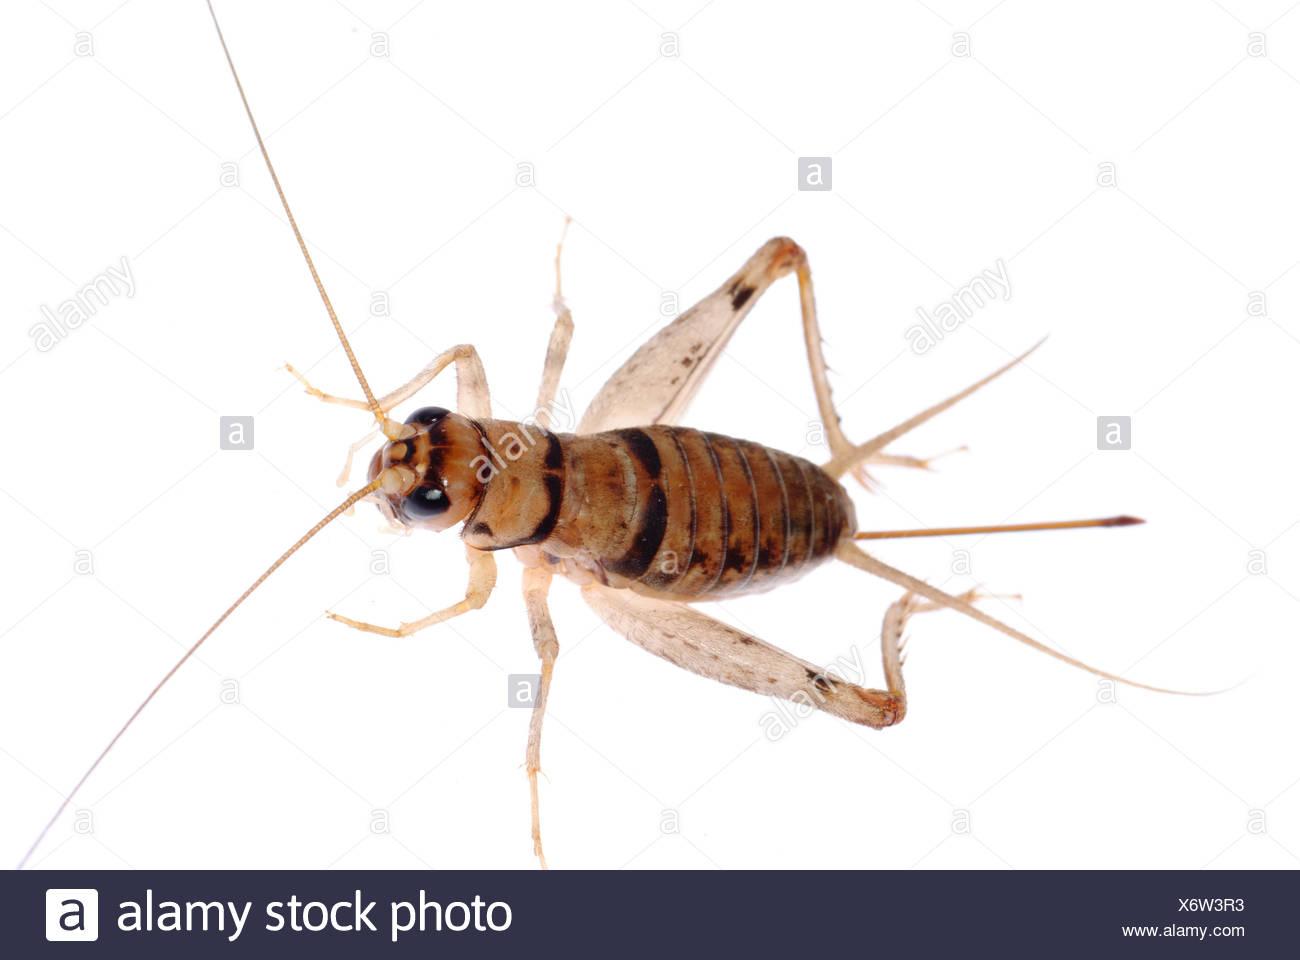 grillo insetto Immagini Stock